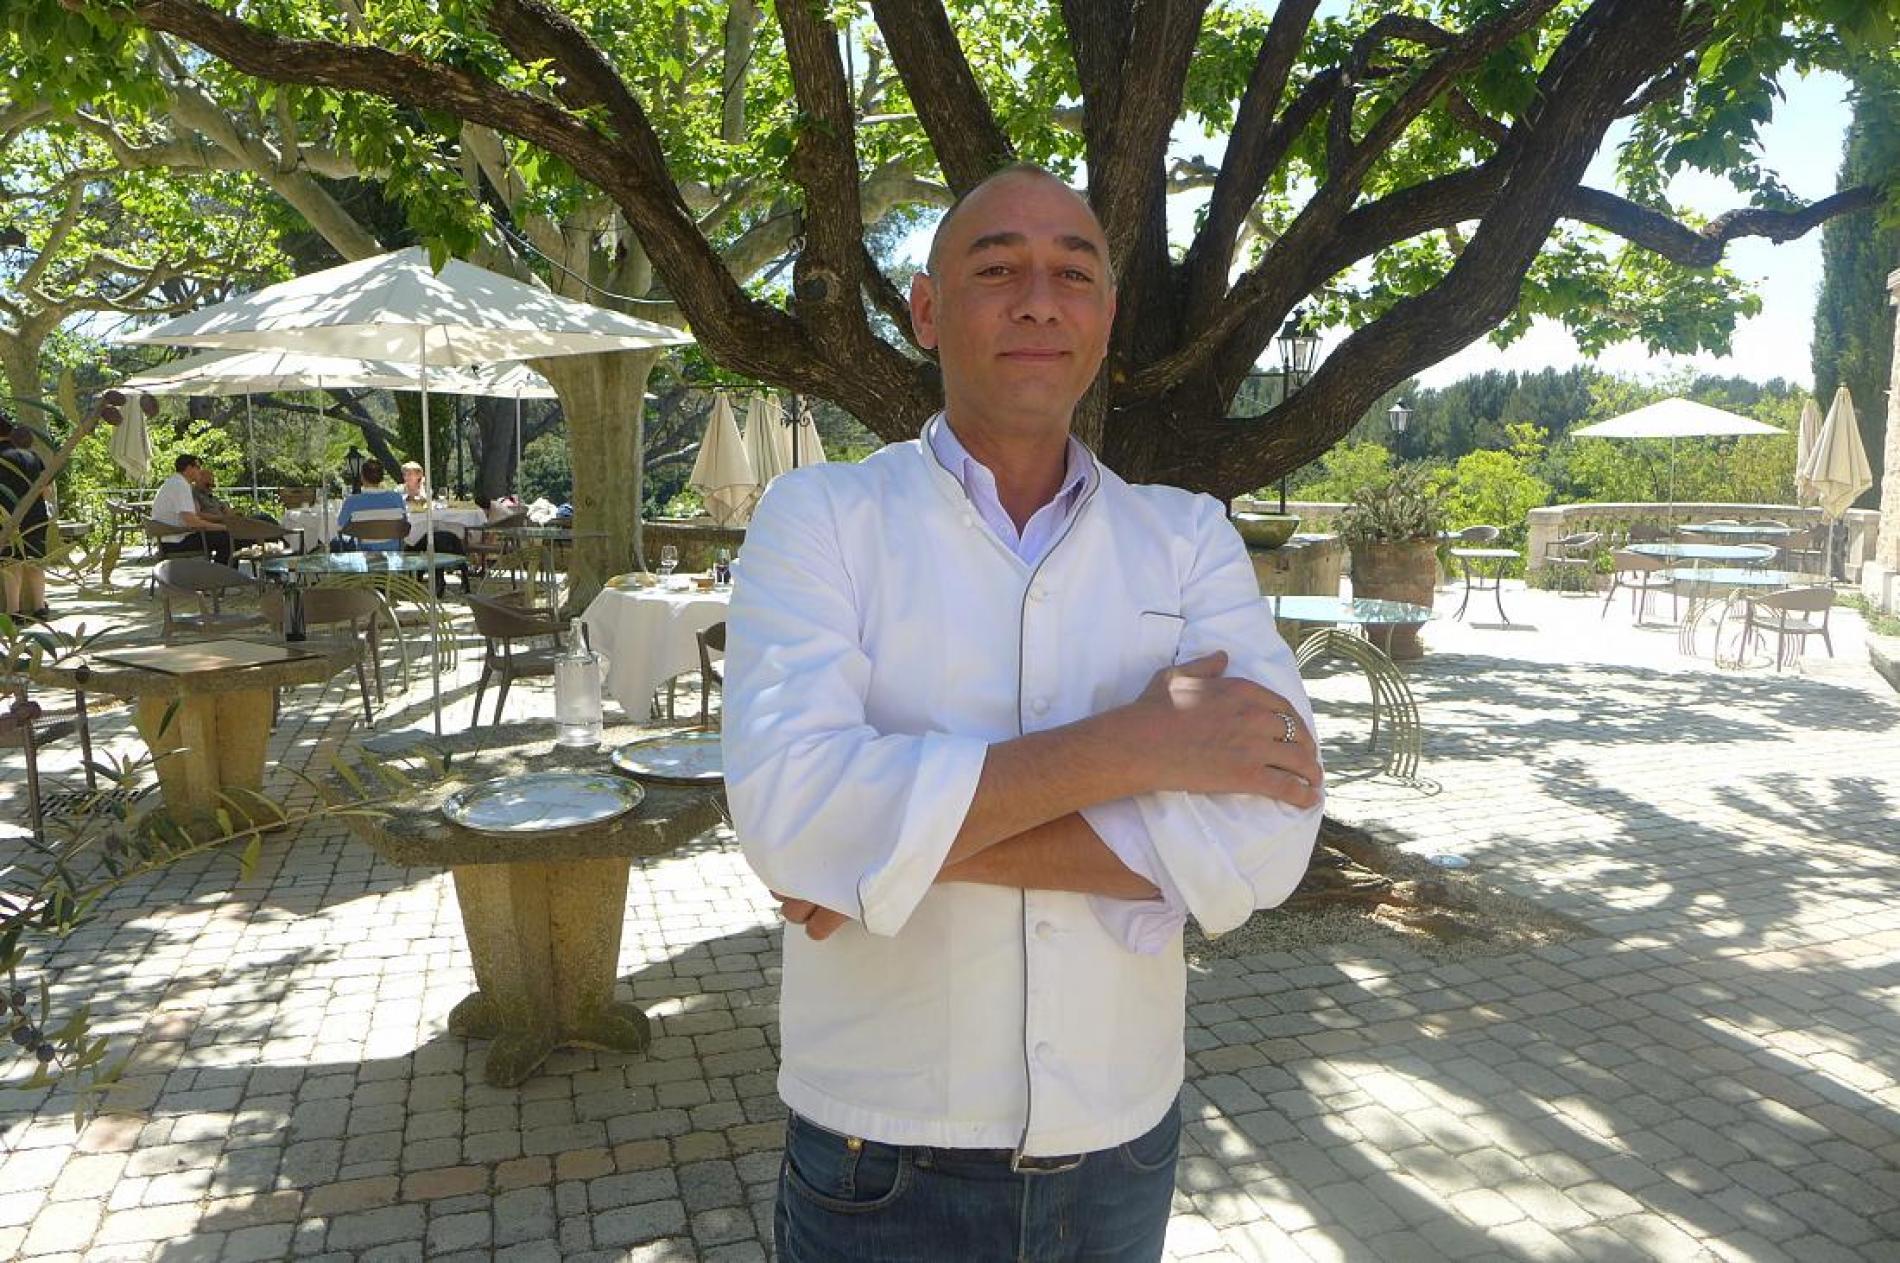 Chef Robert Lalleman